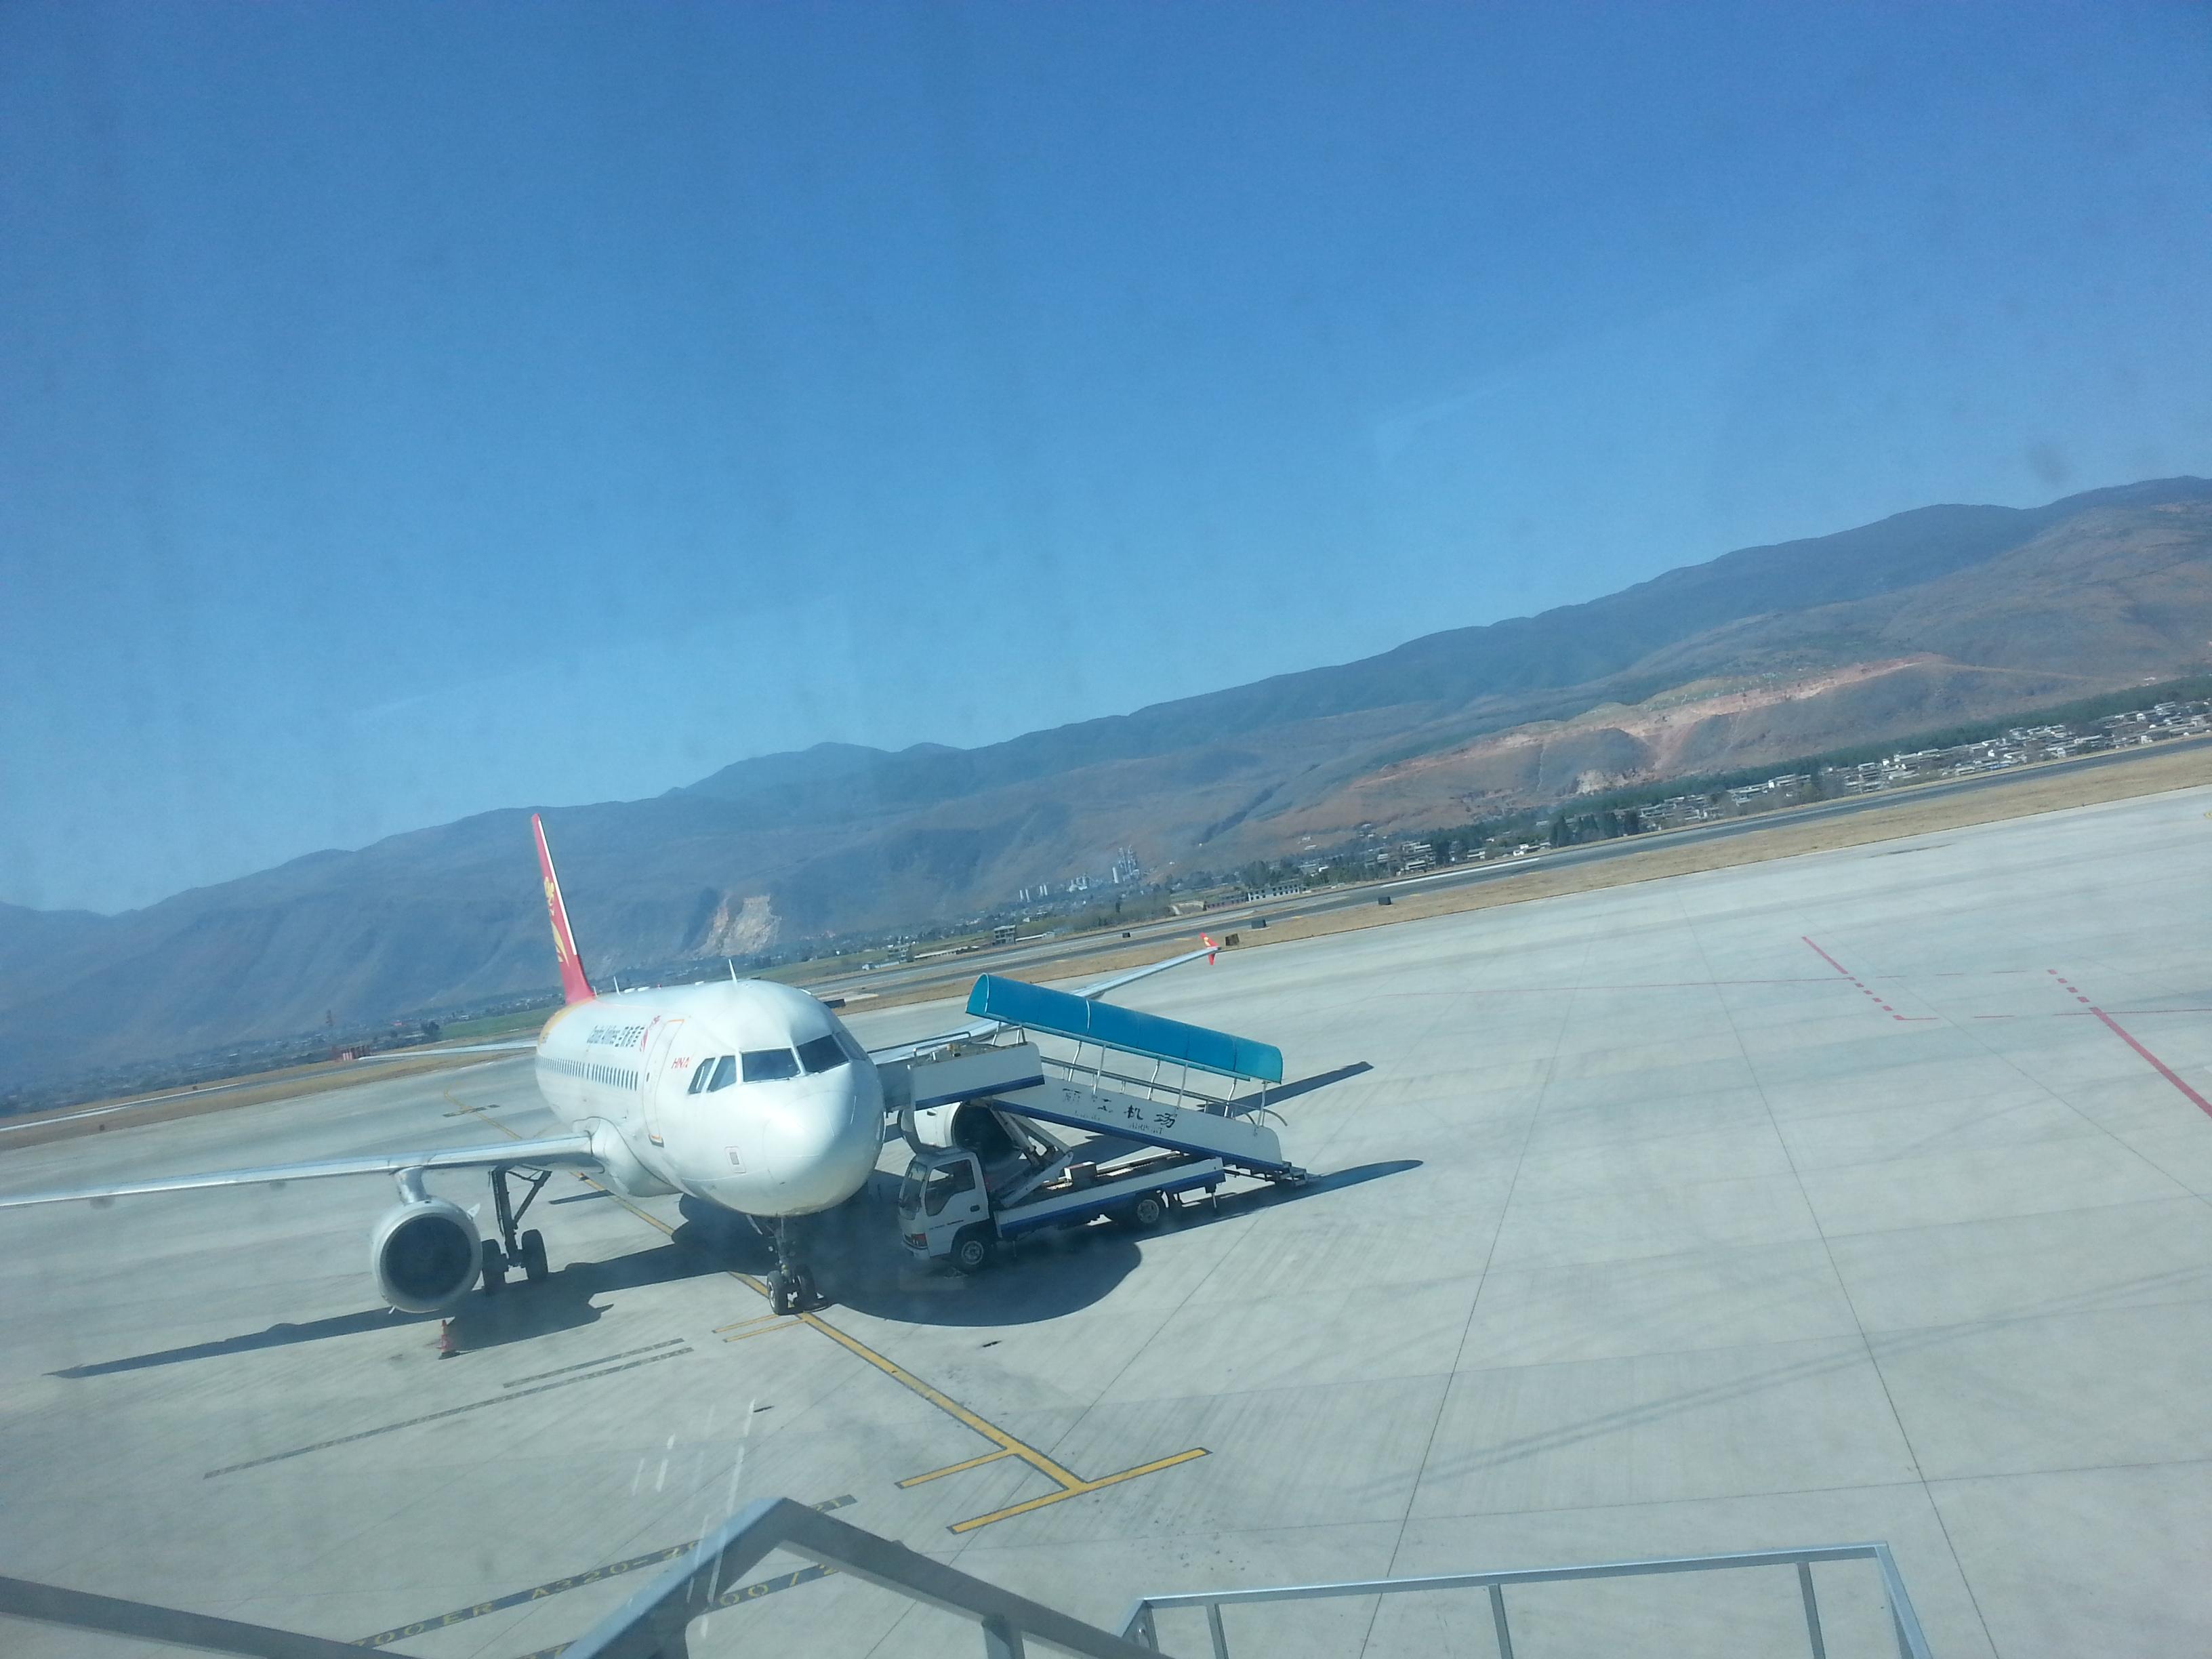 晚点1小时候起飞,1:10到达丽江,机场好小,稀稀拉拉几个飞机.